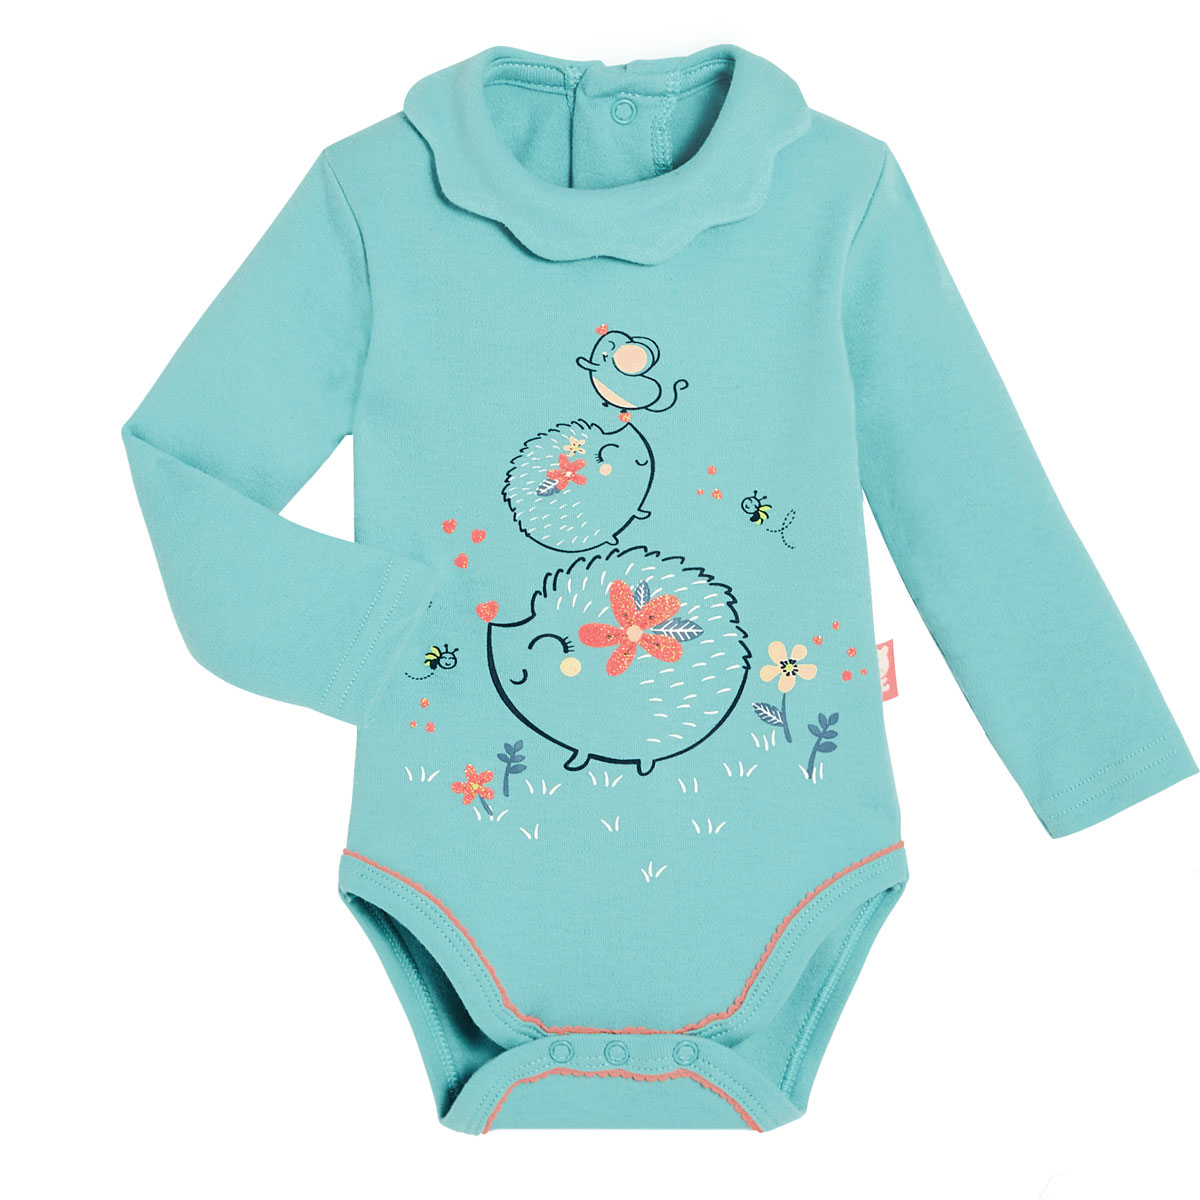 Lot de 2 bodies bébé fille manches longues Frimousse bleu